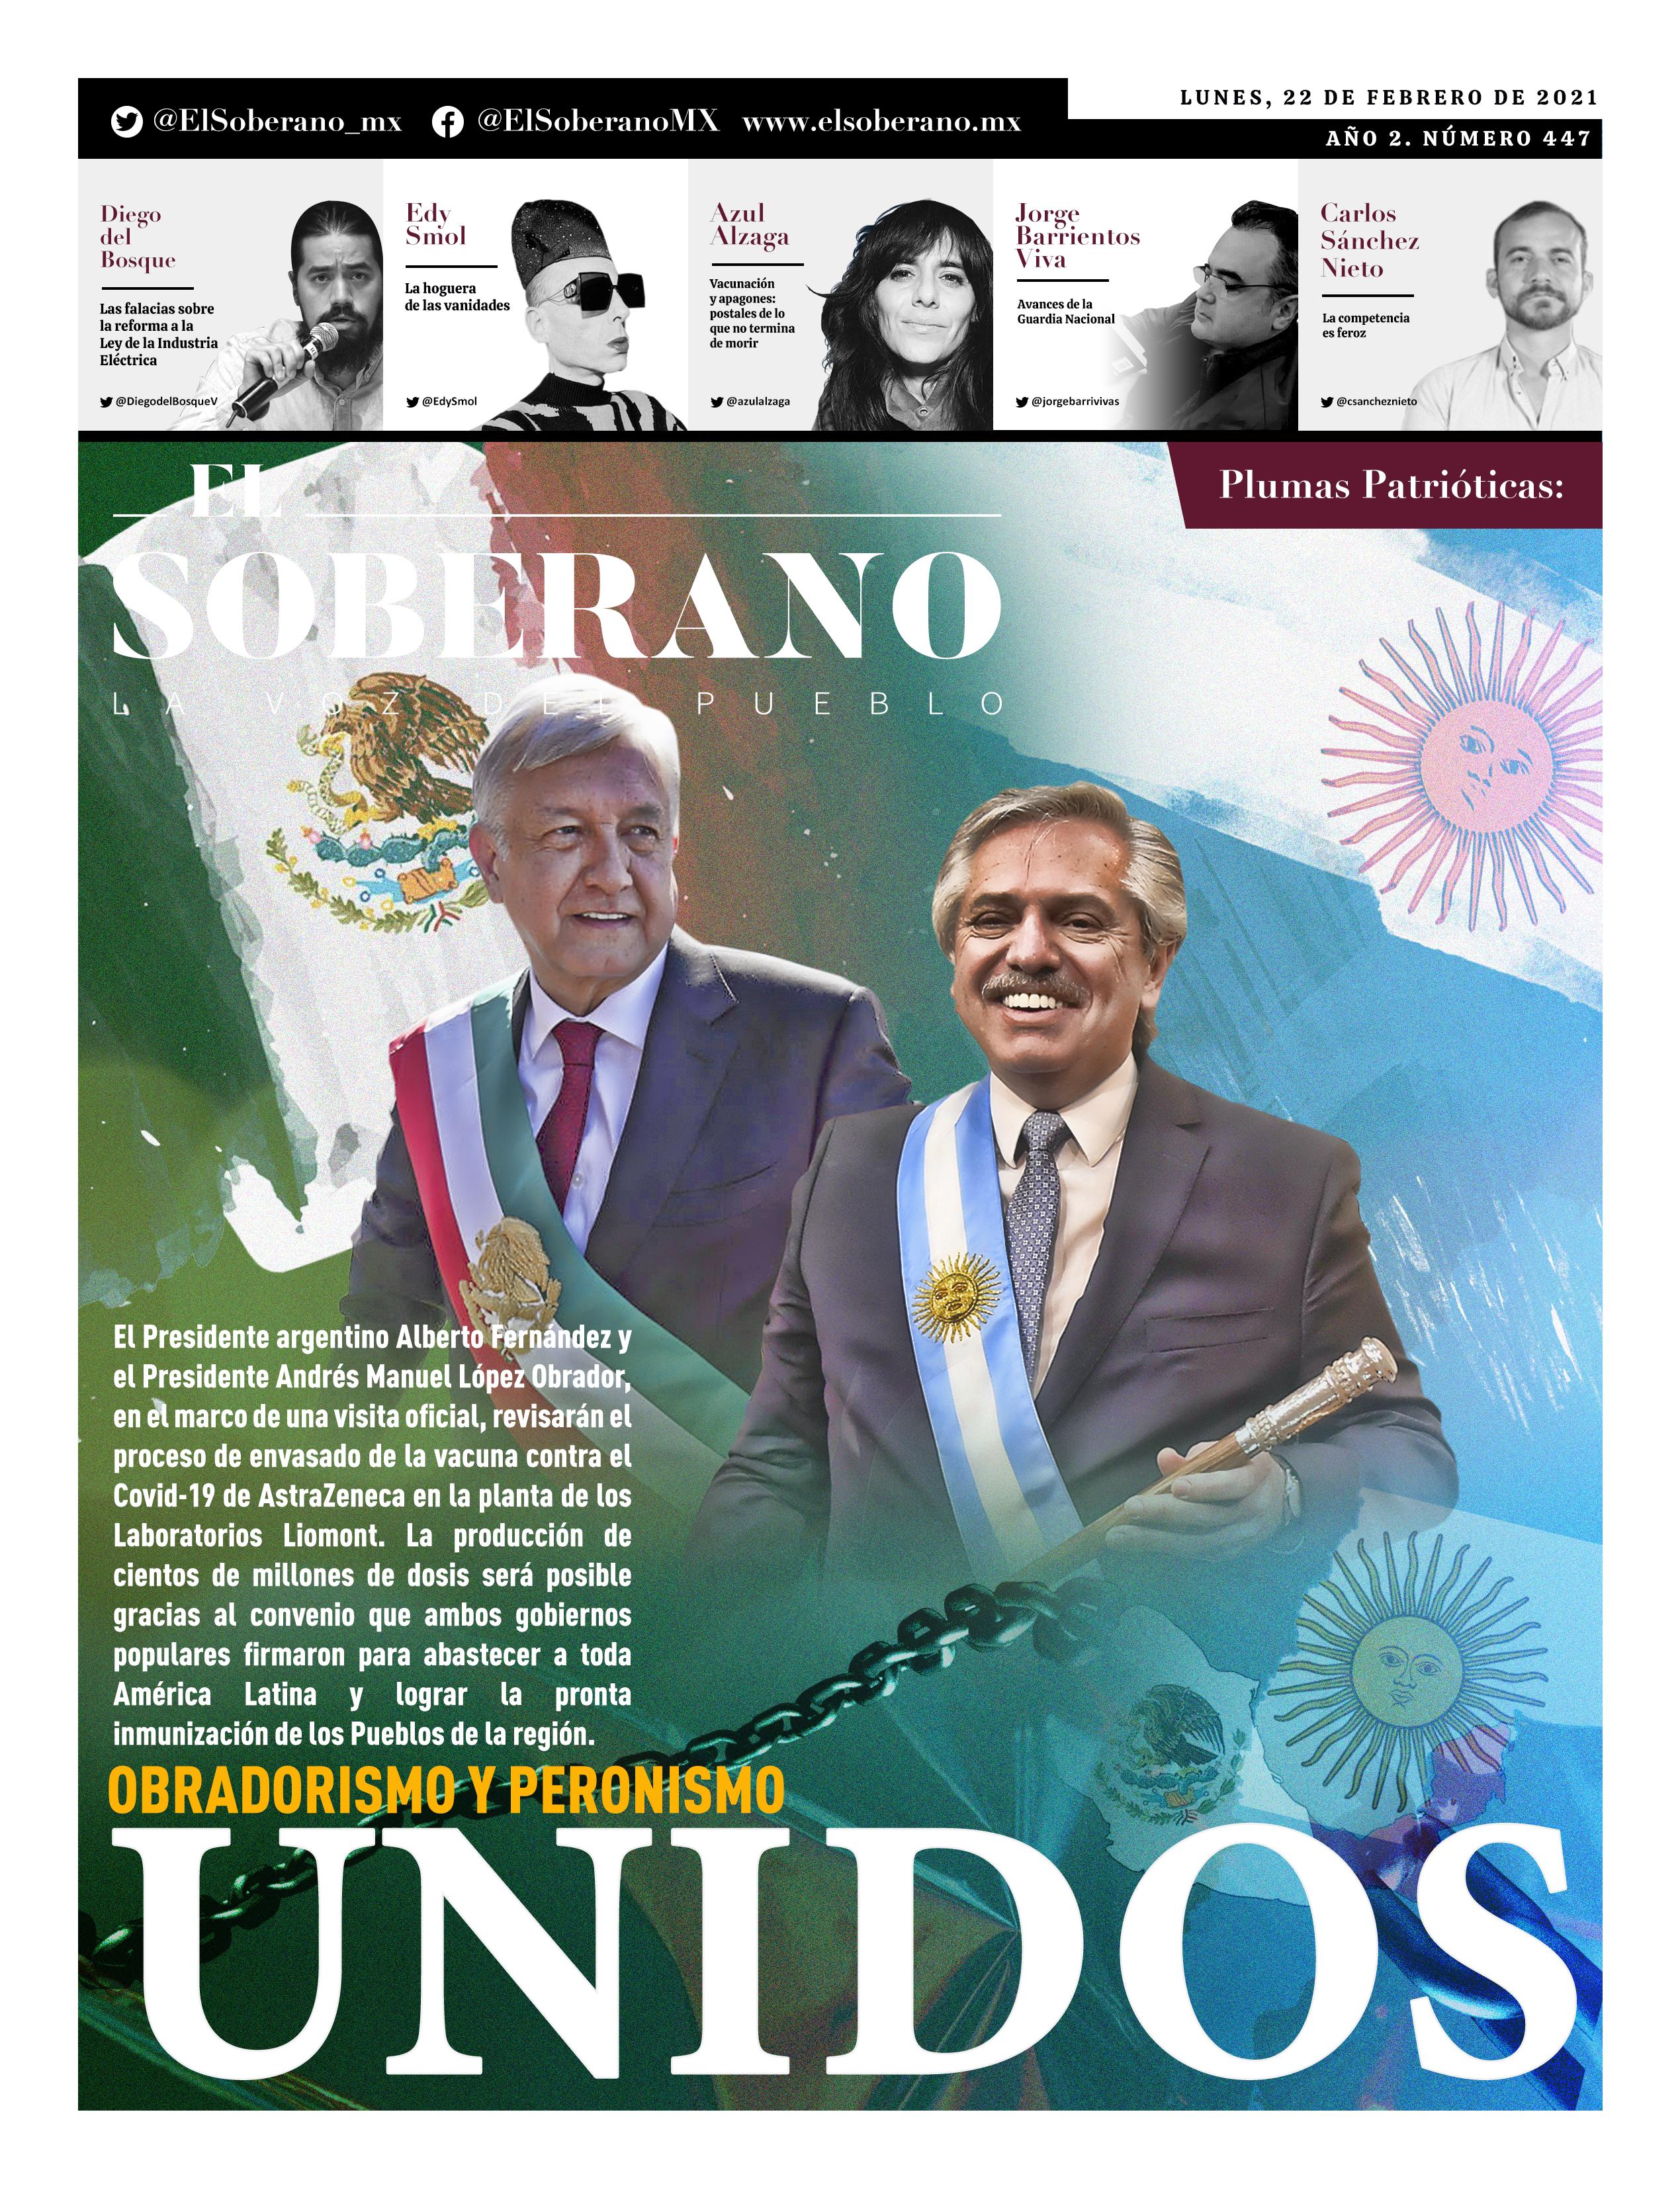 Obradorismo y Peronismo UNIDOS